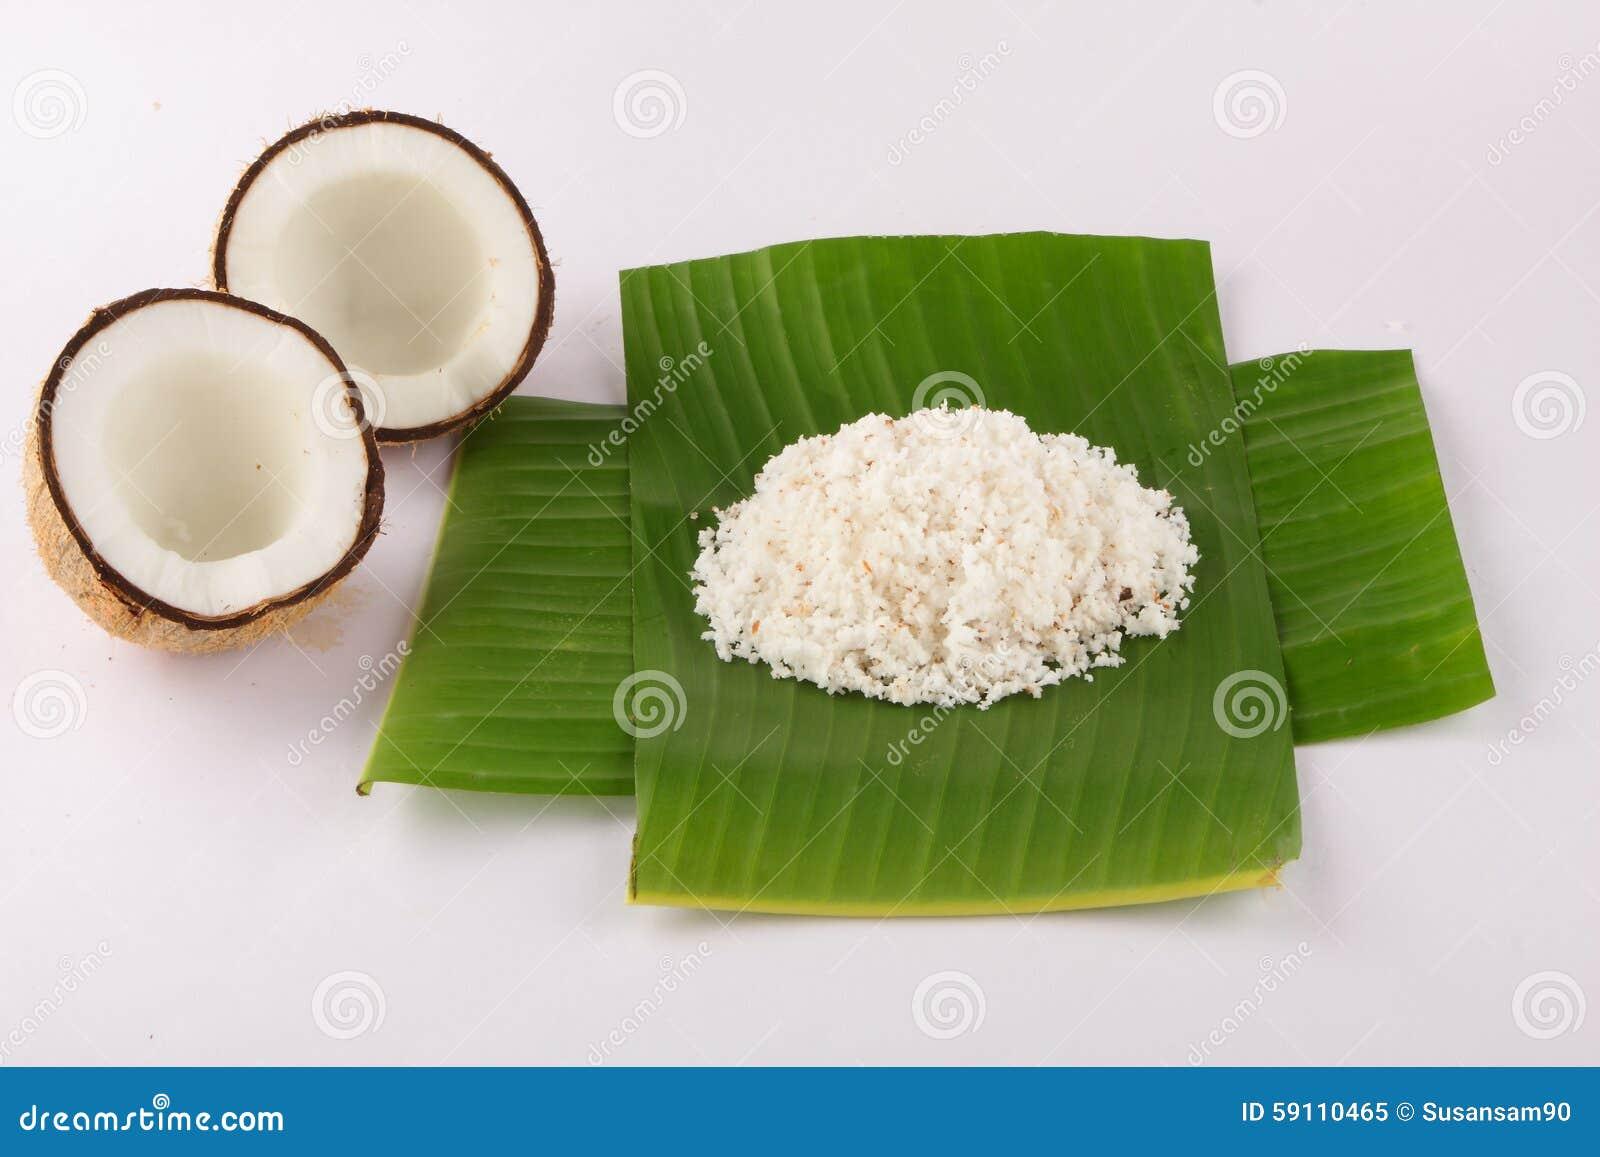 与椰子叶子和切细的椰子的椰子在香蕉叶子服务